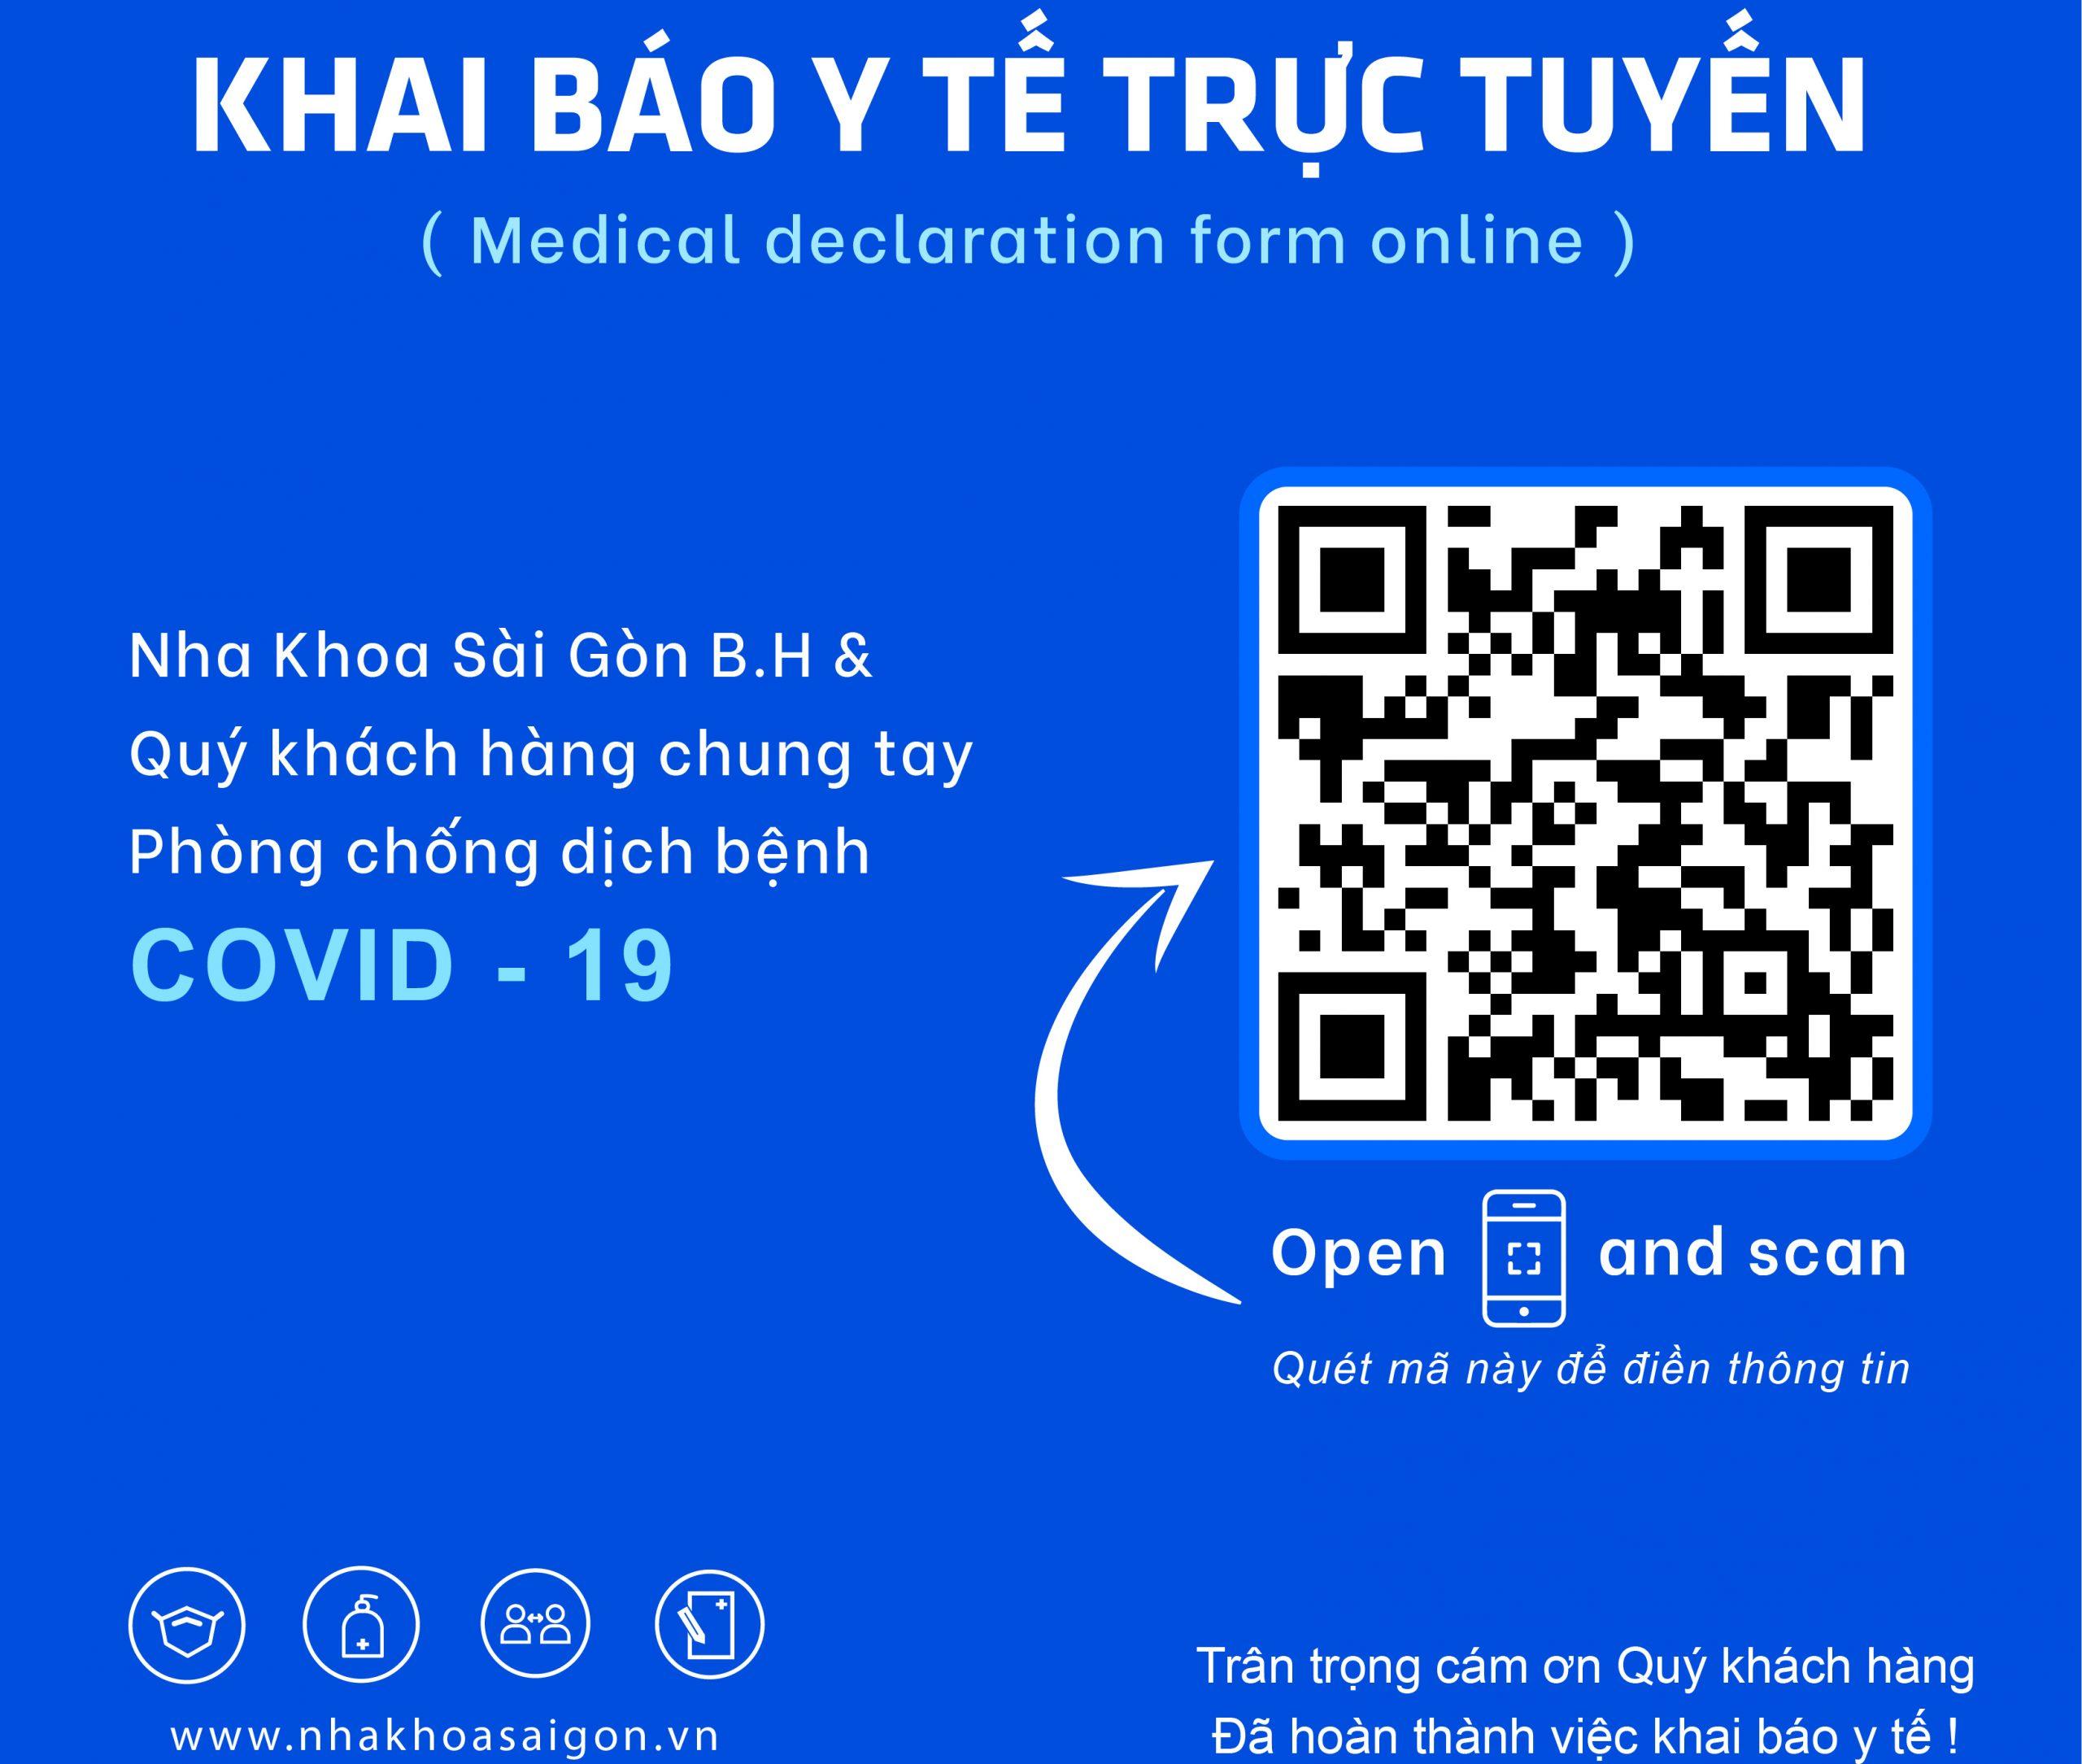 Thông bảo triển khai khai báo y tế trực tuyến tại Nha Khoa Sài Gòn BH